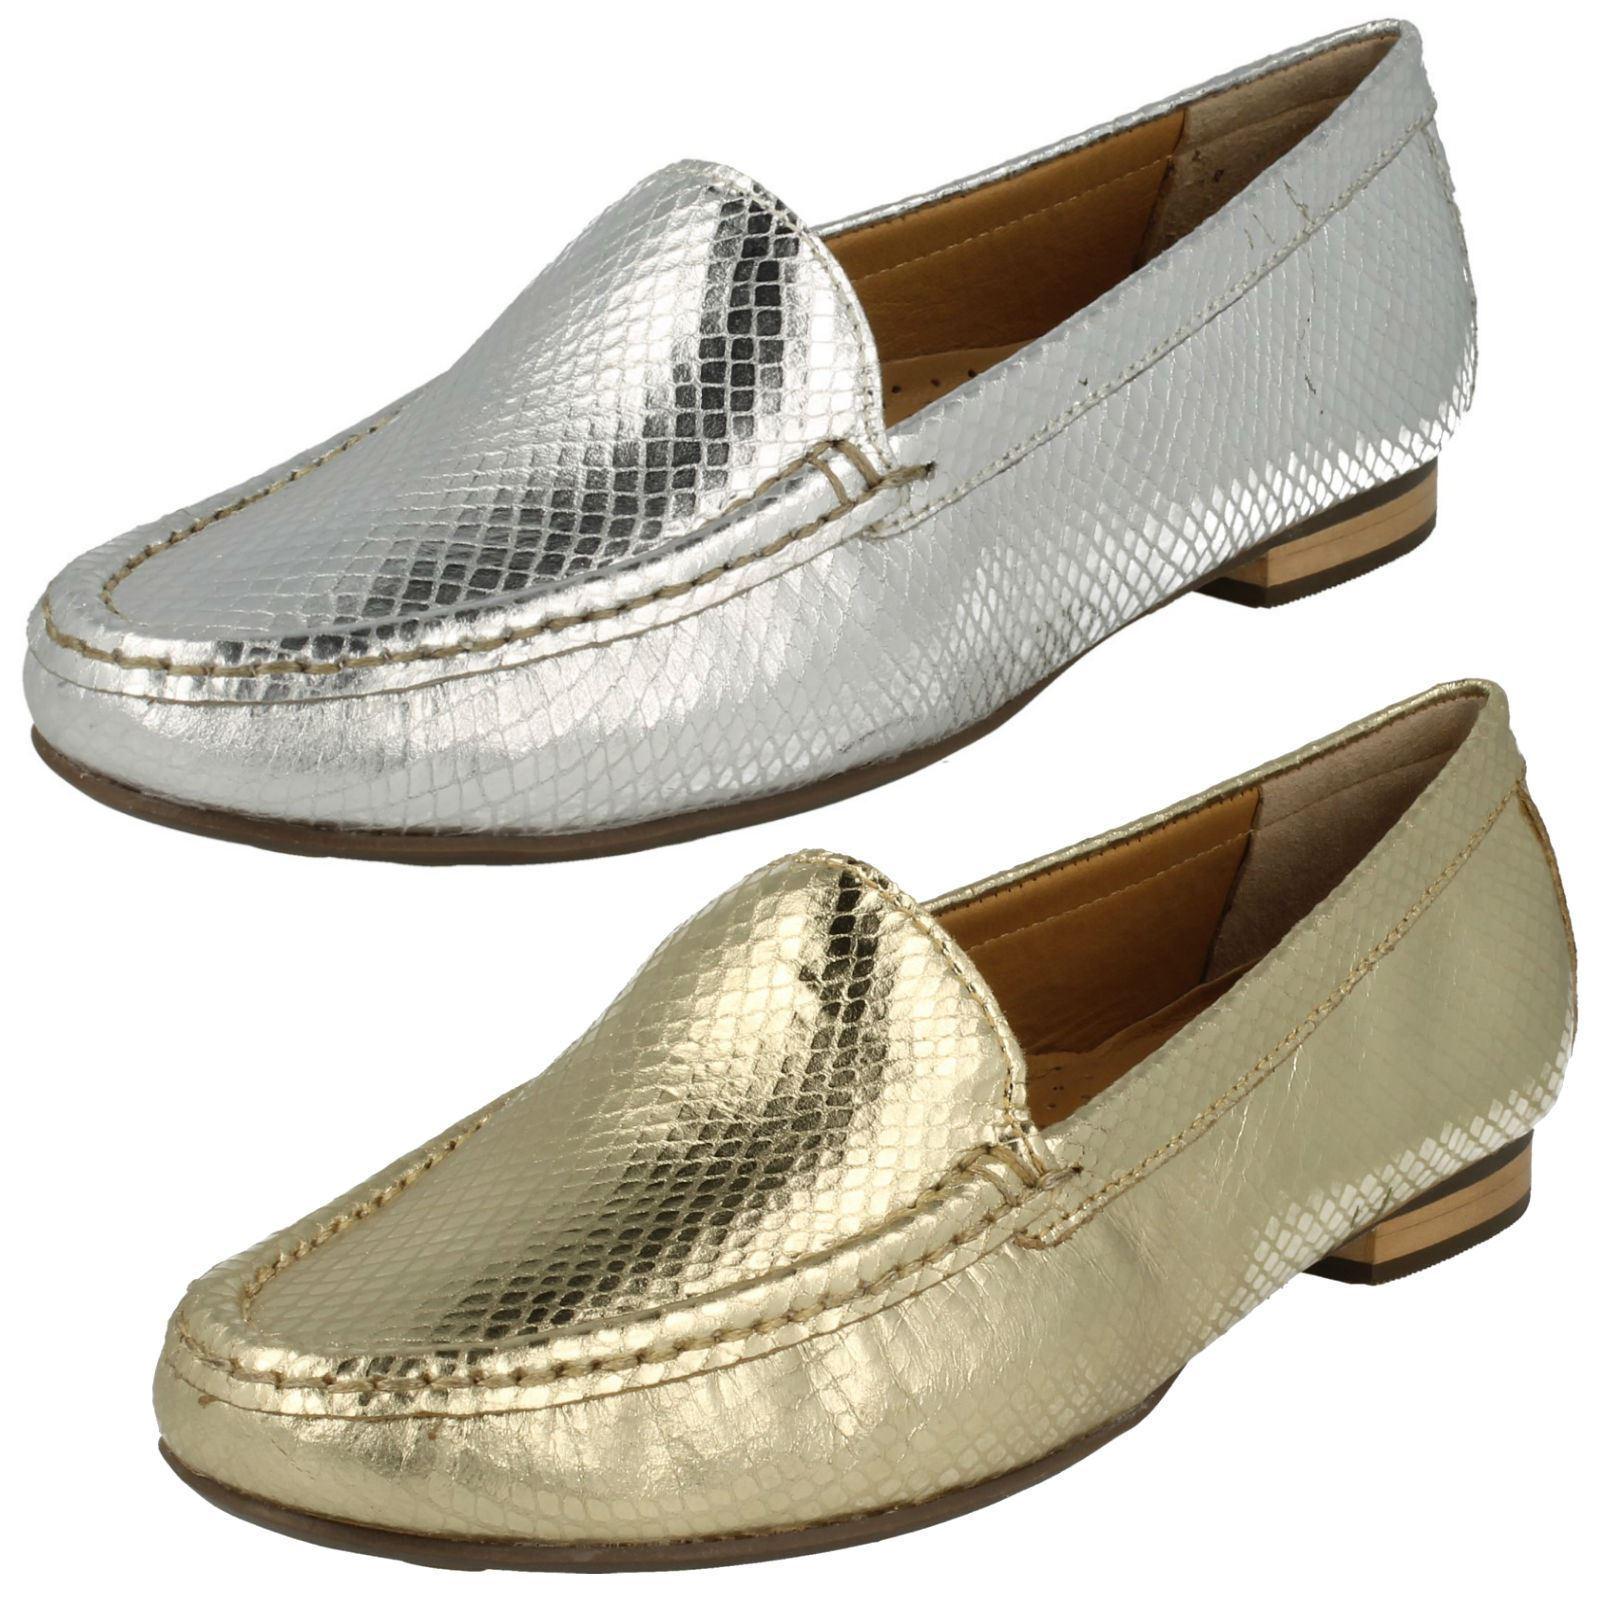 Mesdames argent Design Serpent Cuir à Enfiler Van Dal chaussures Cerise